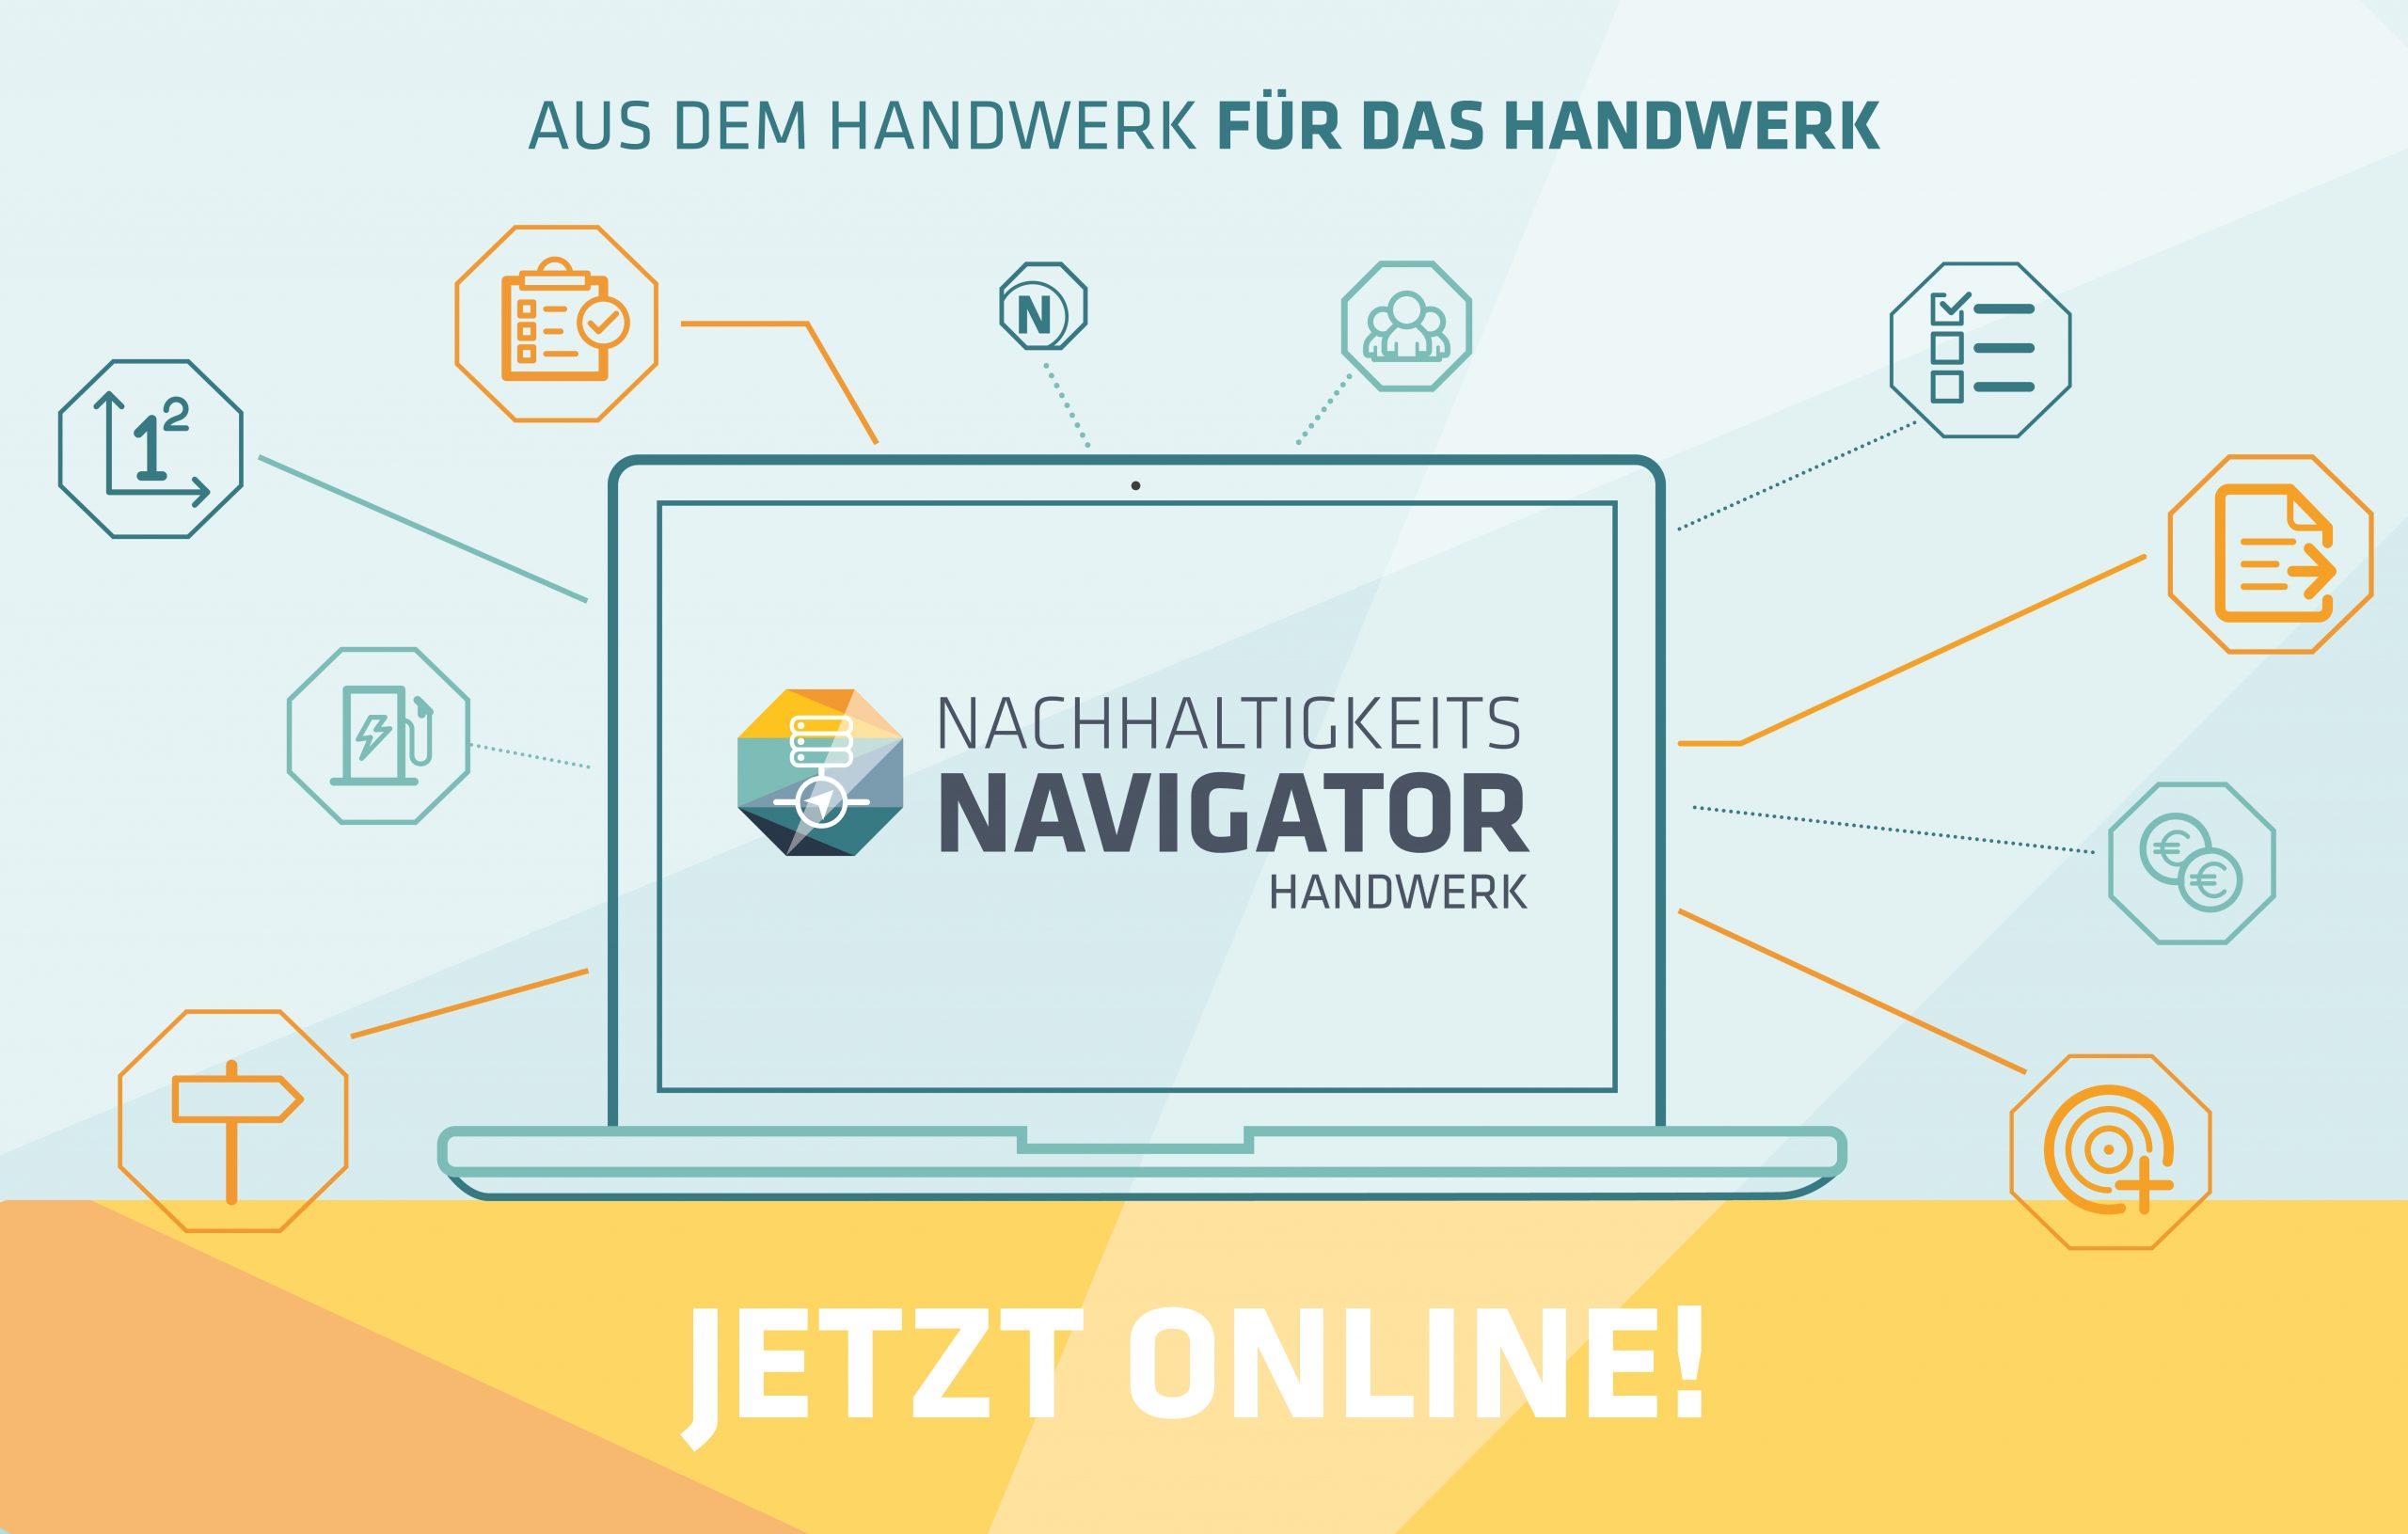 Nachhaltigkeits-Navigator Handwerk online